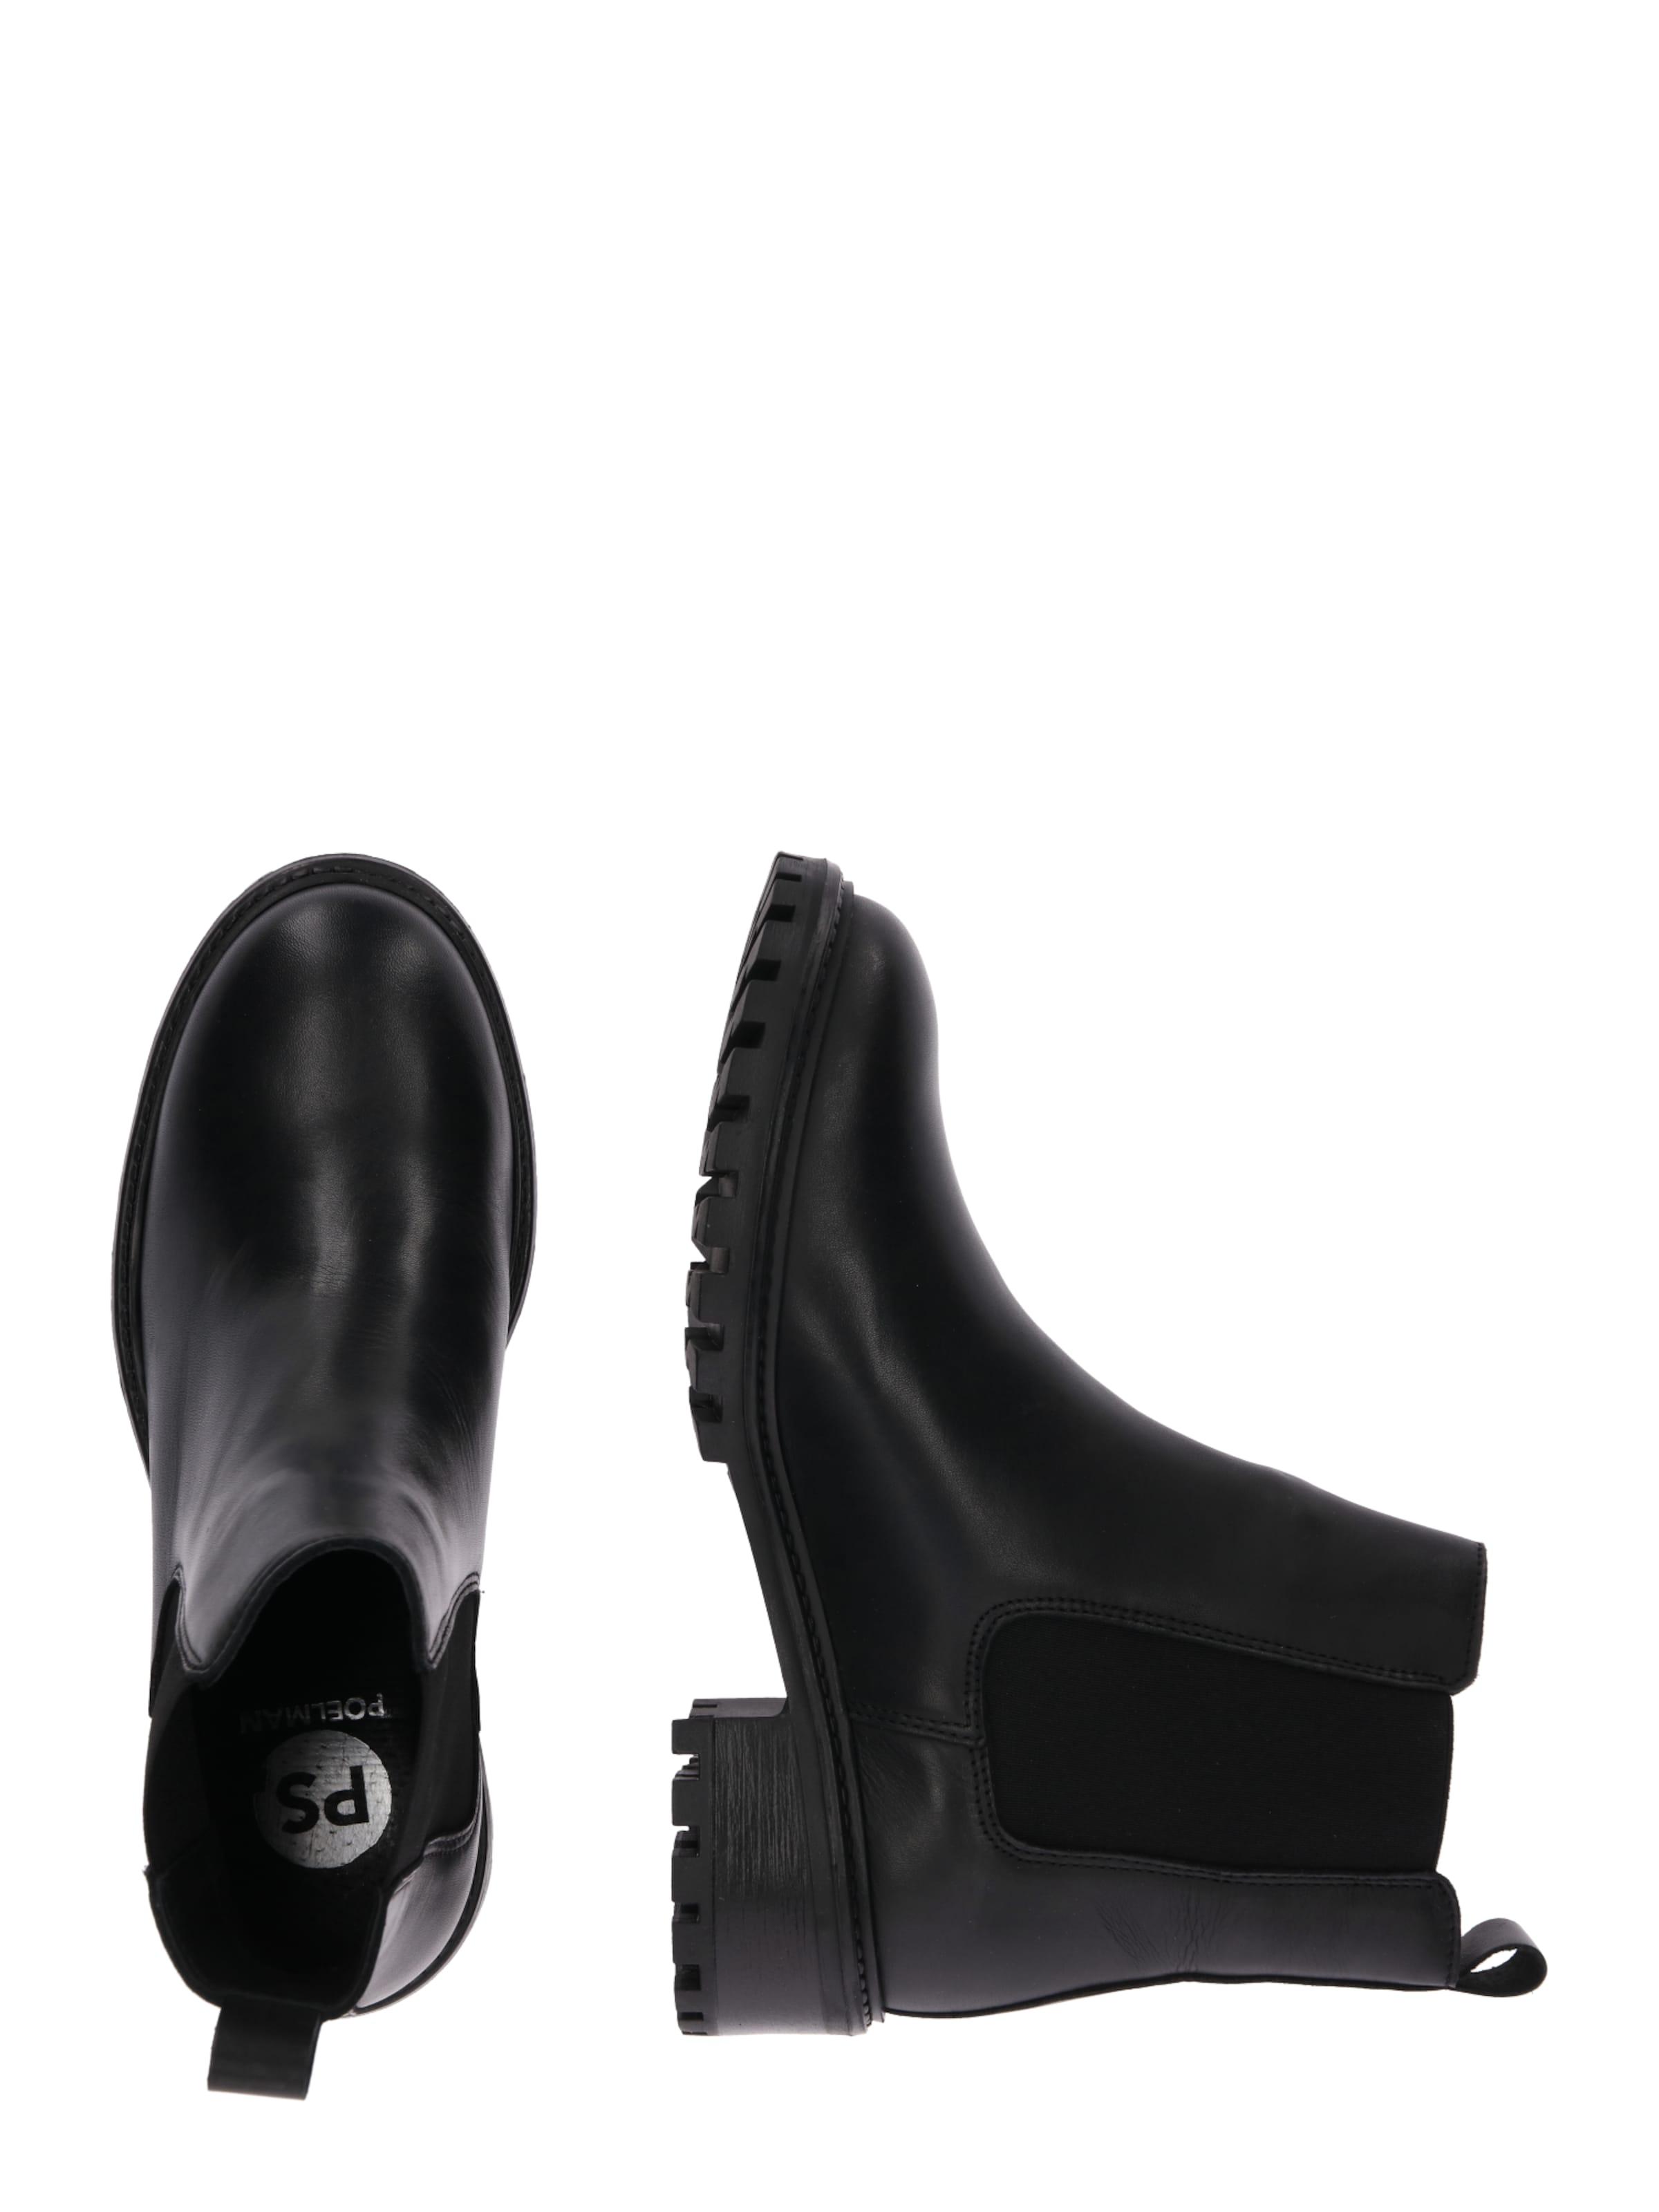 Ps En Boots 'chelsea' Chelsea Noir Poelman 54j3ALqR